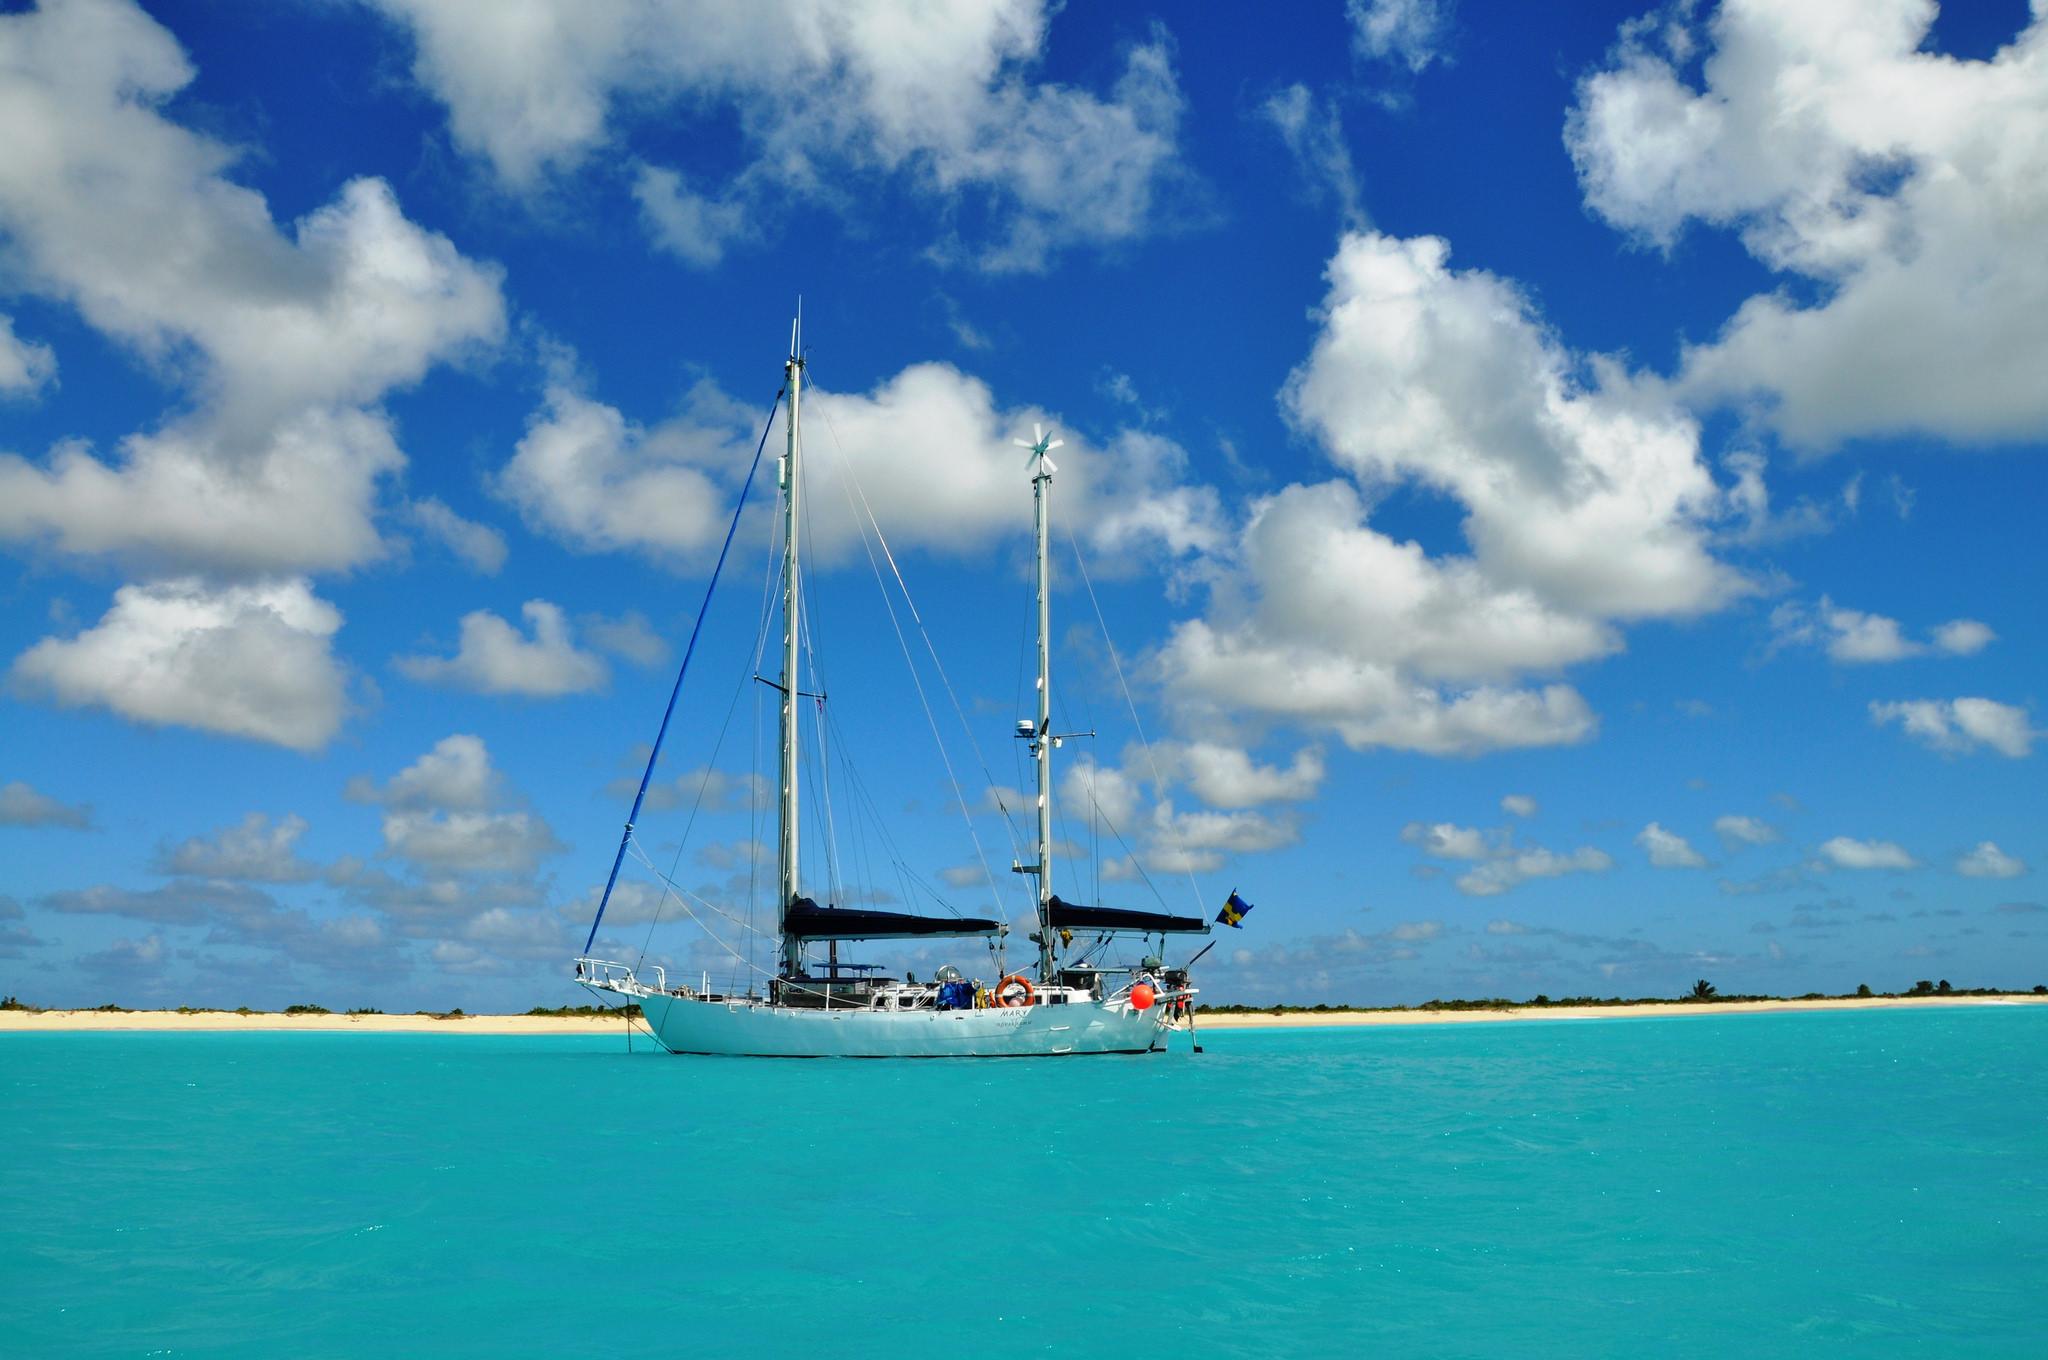 båt segla de sju haven